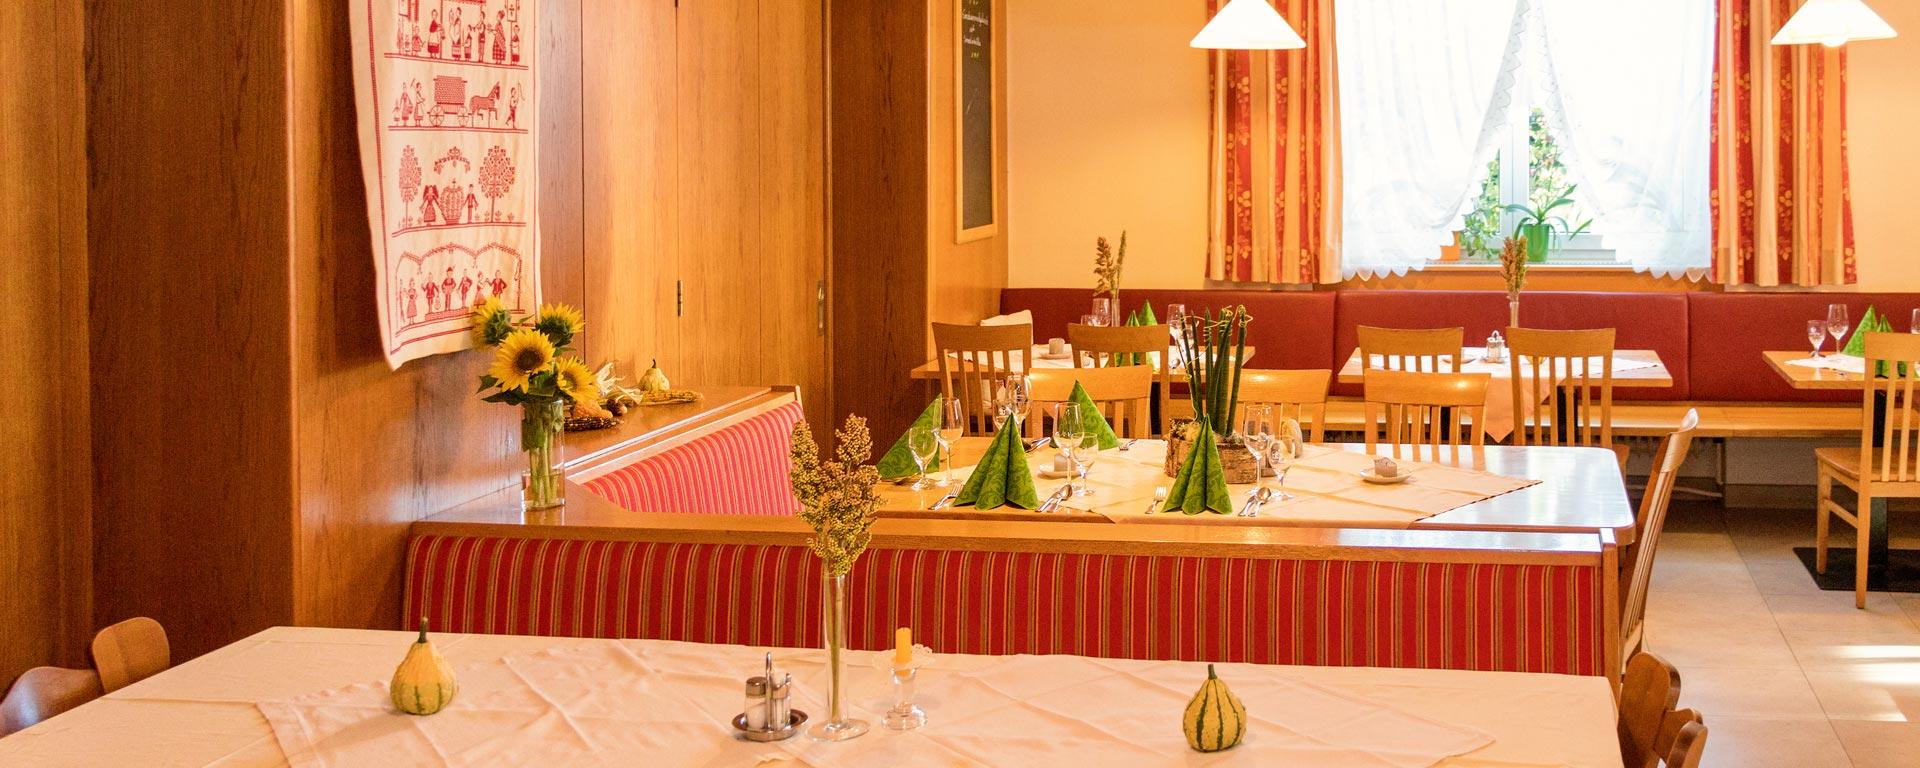 Innenansicht vom Gasthaus Weninger in Paldau